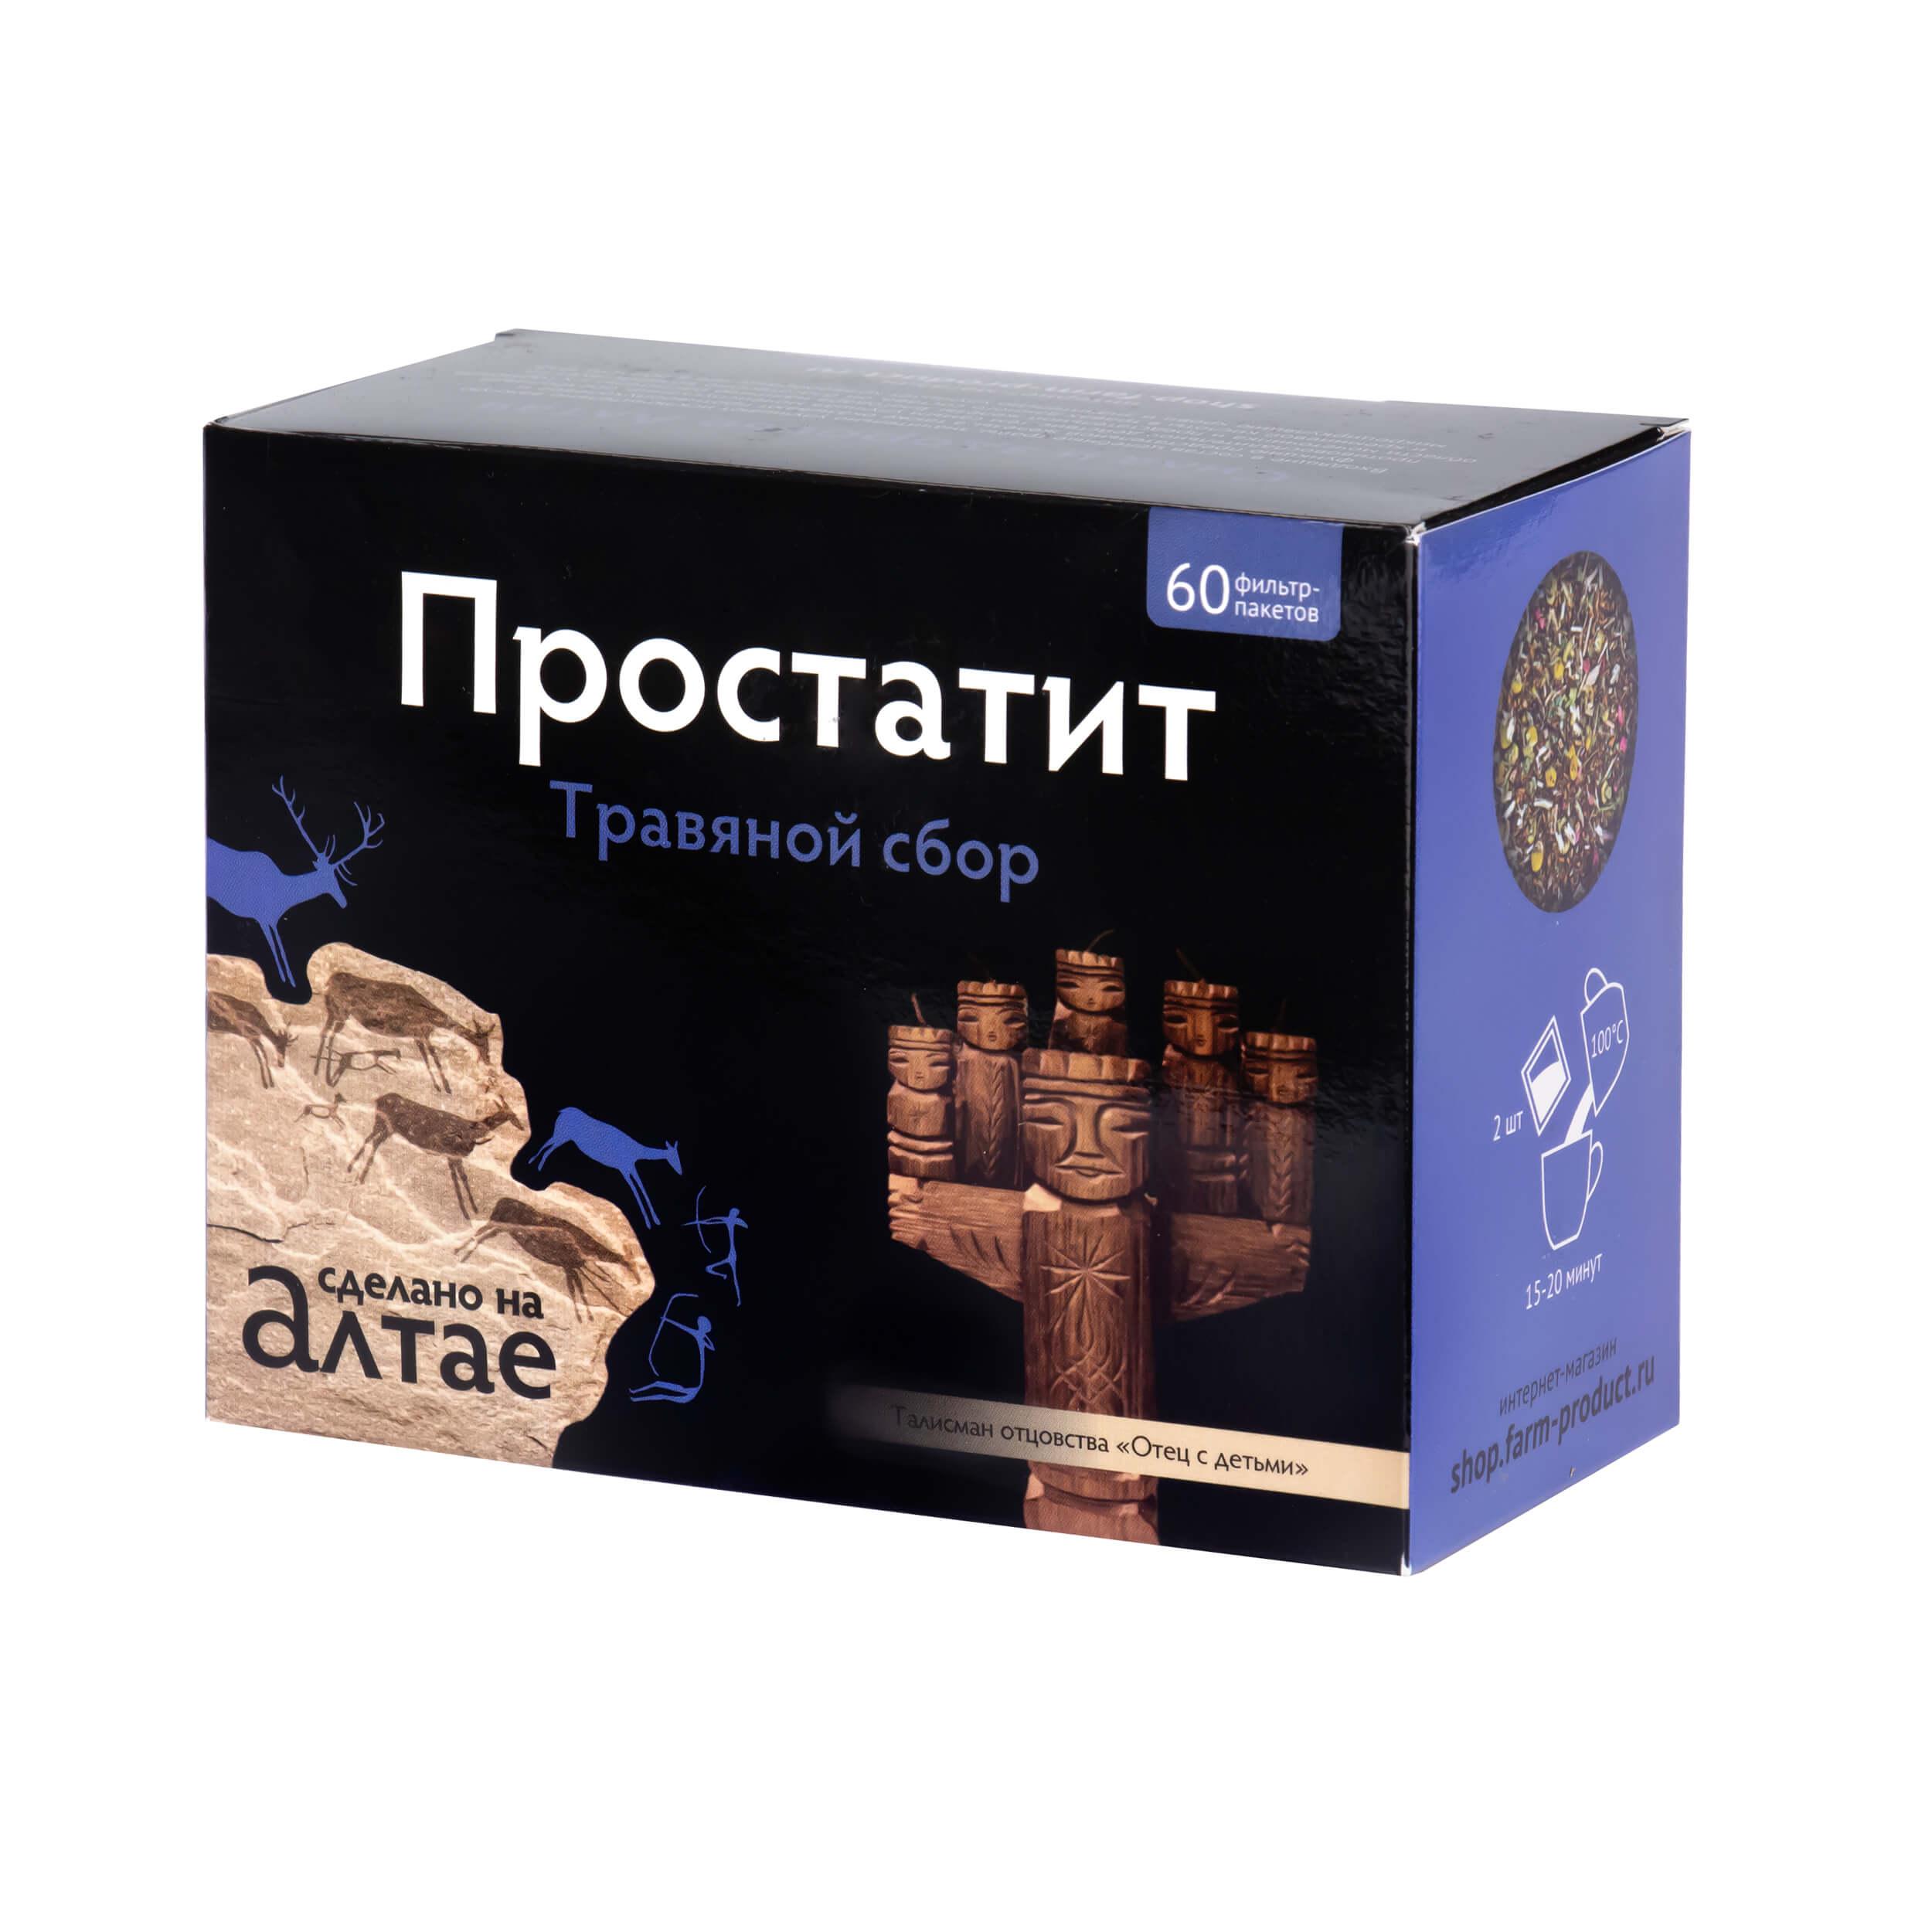 Сбор травяной Простатит (60 фильтр пакетов) фото